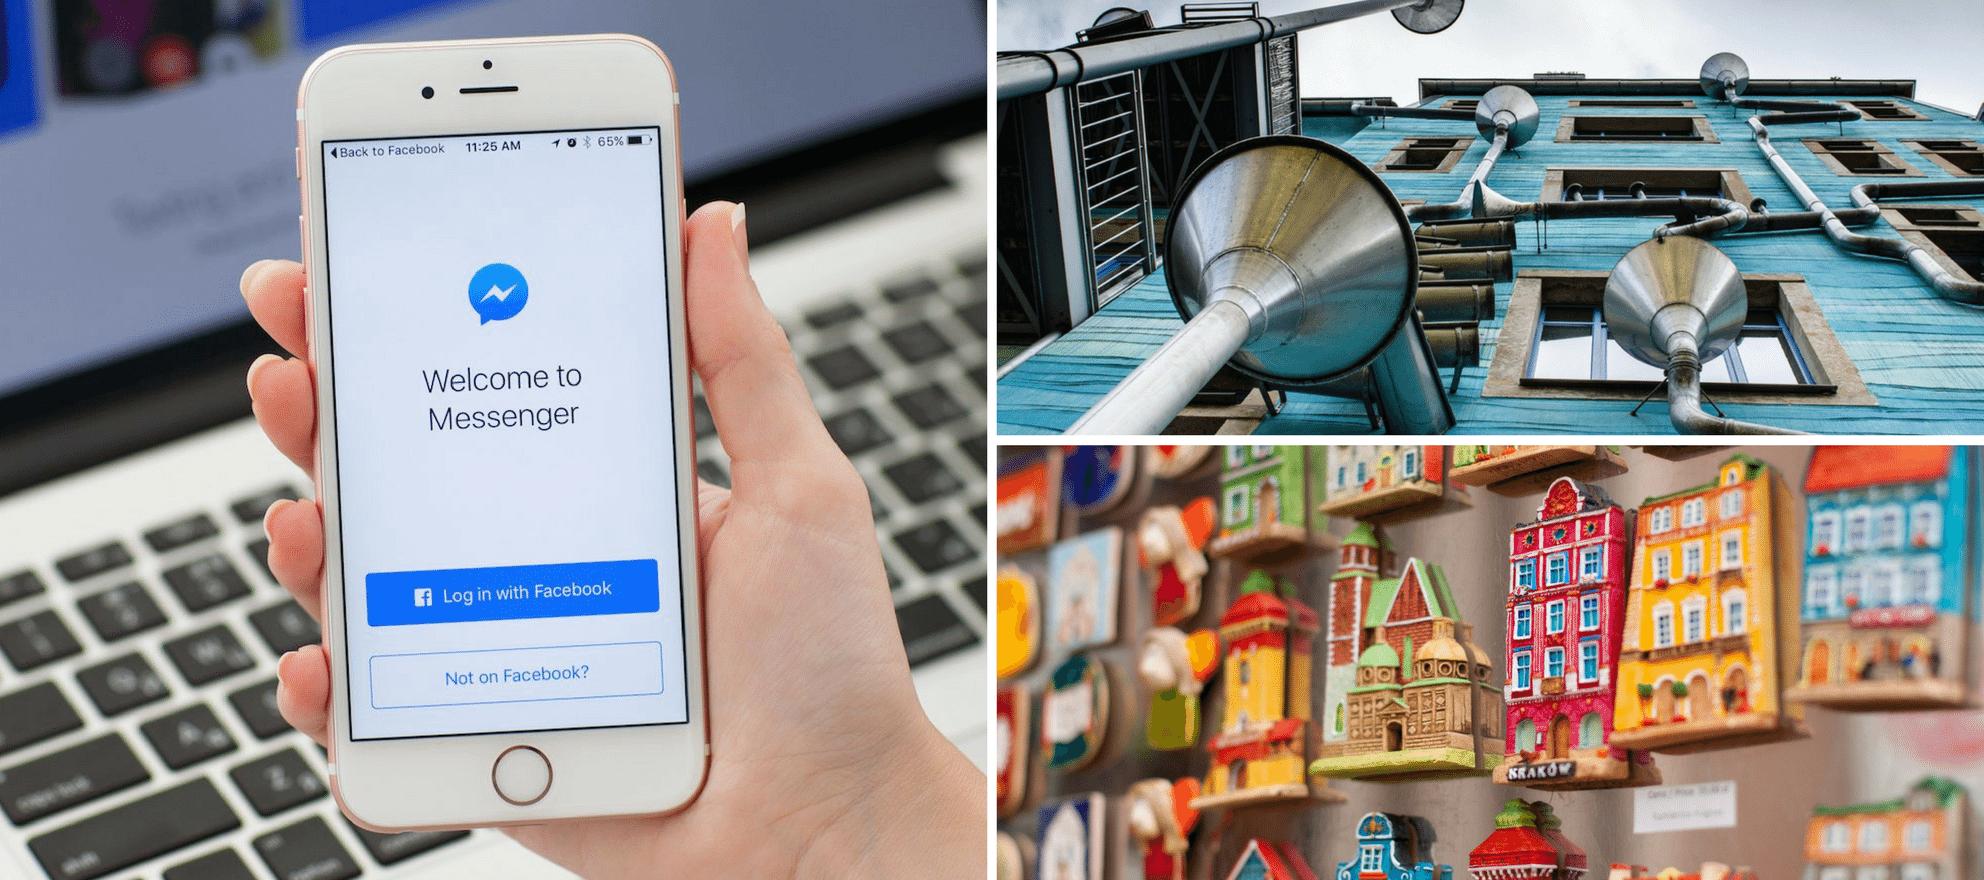 facebook messenger bots, real estate